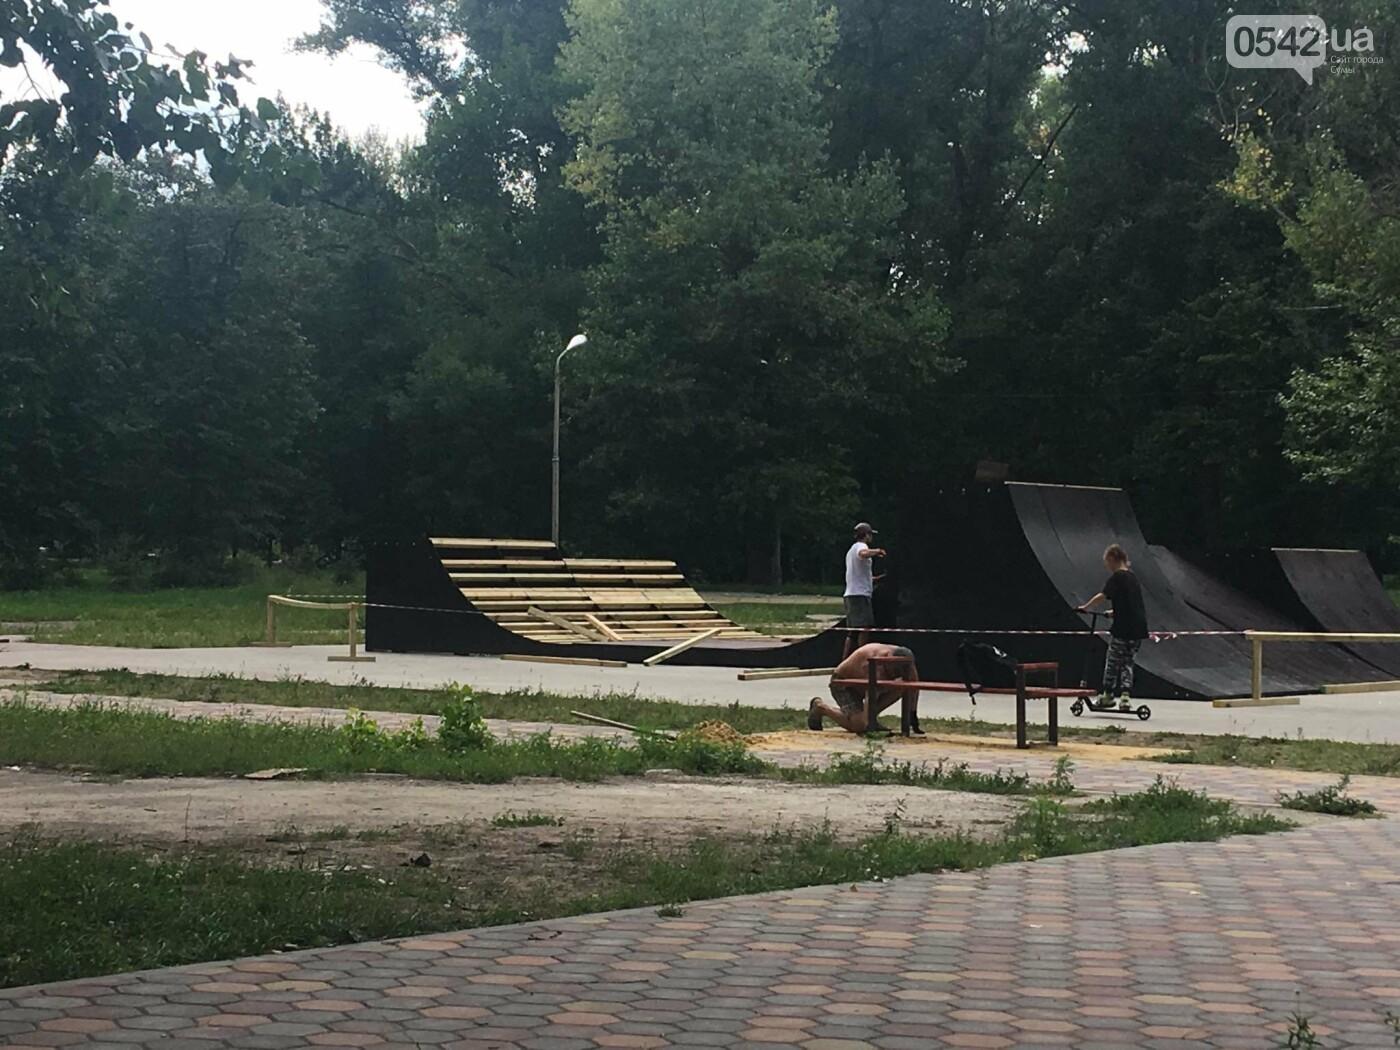 У міському парку у Сумах невдовзі завершать будівництво скейт-парку , фото-3